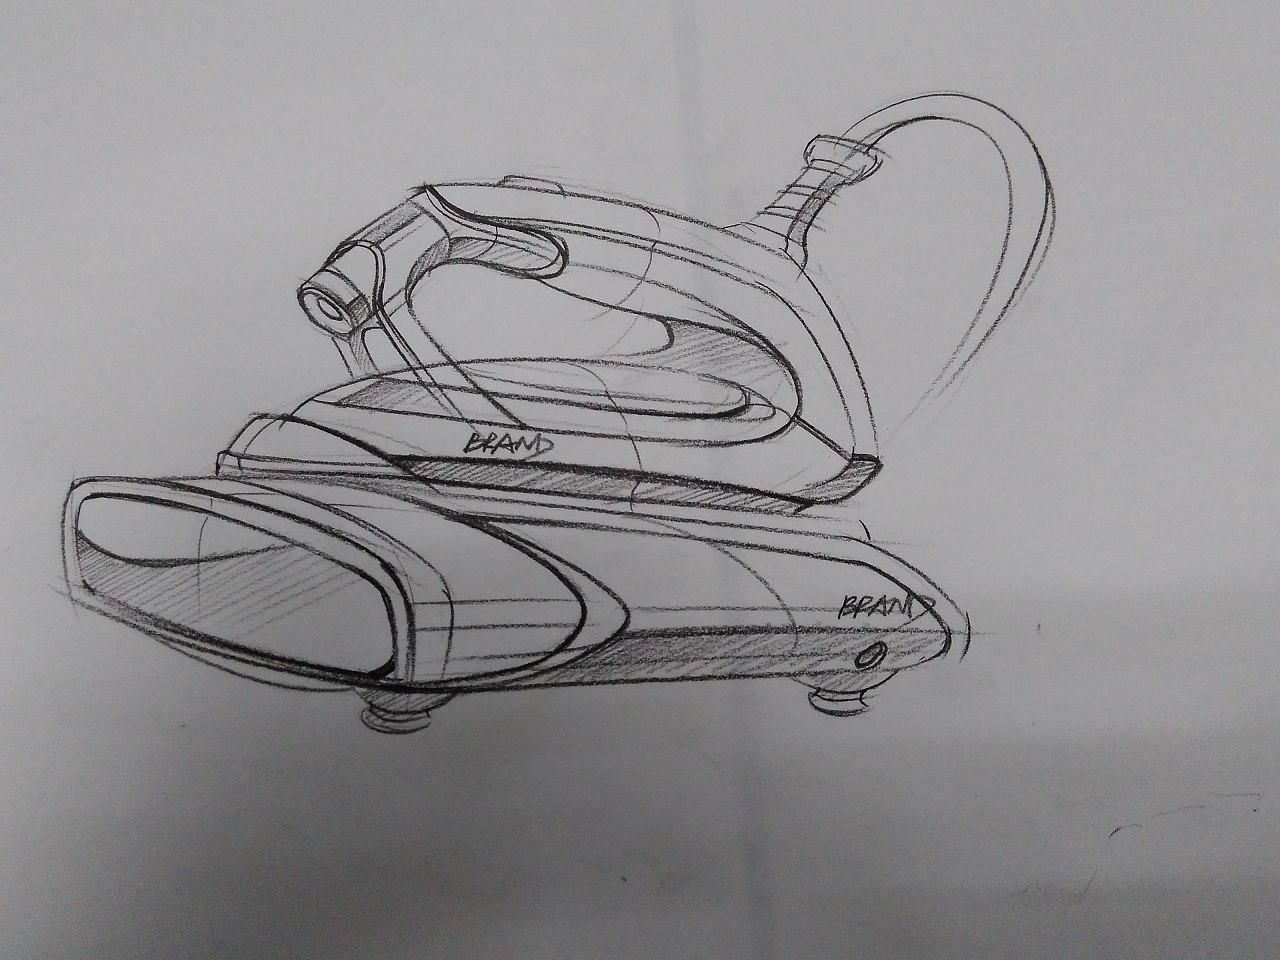 工业手绘素描/邦陈设计